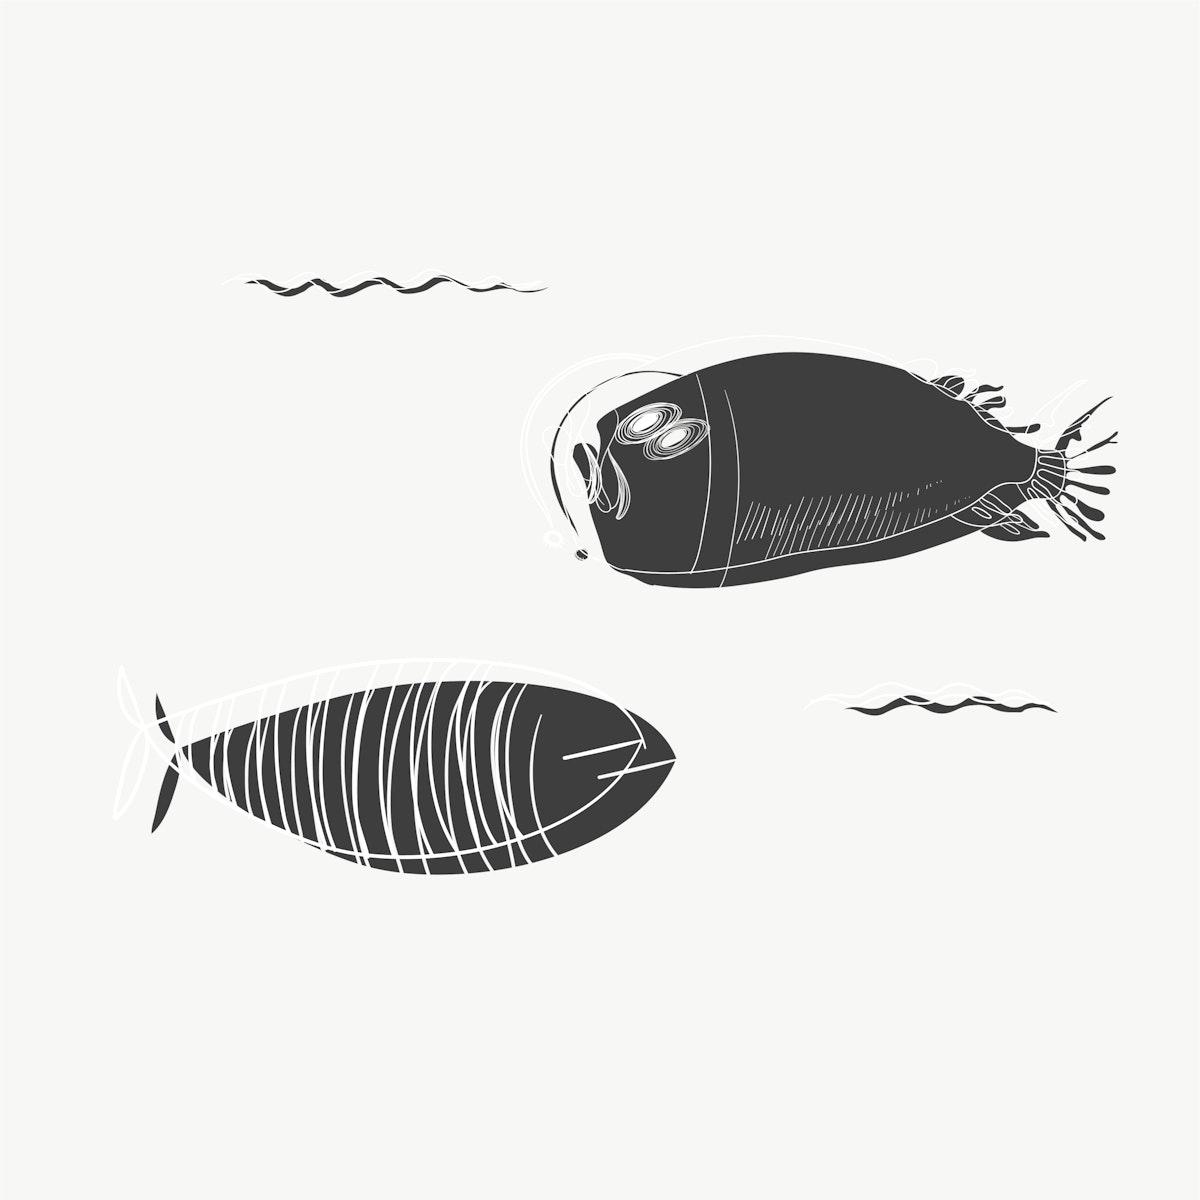 Fish drawing vector